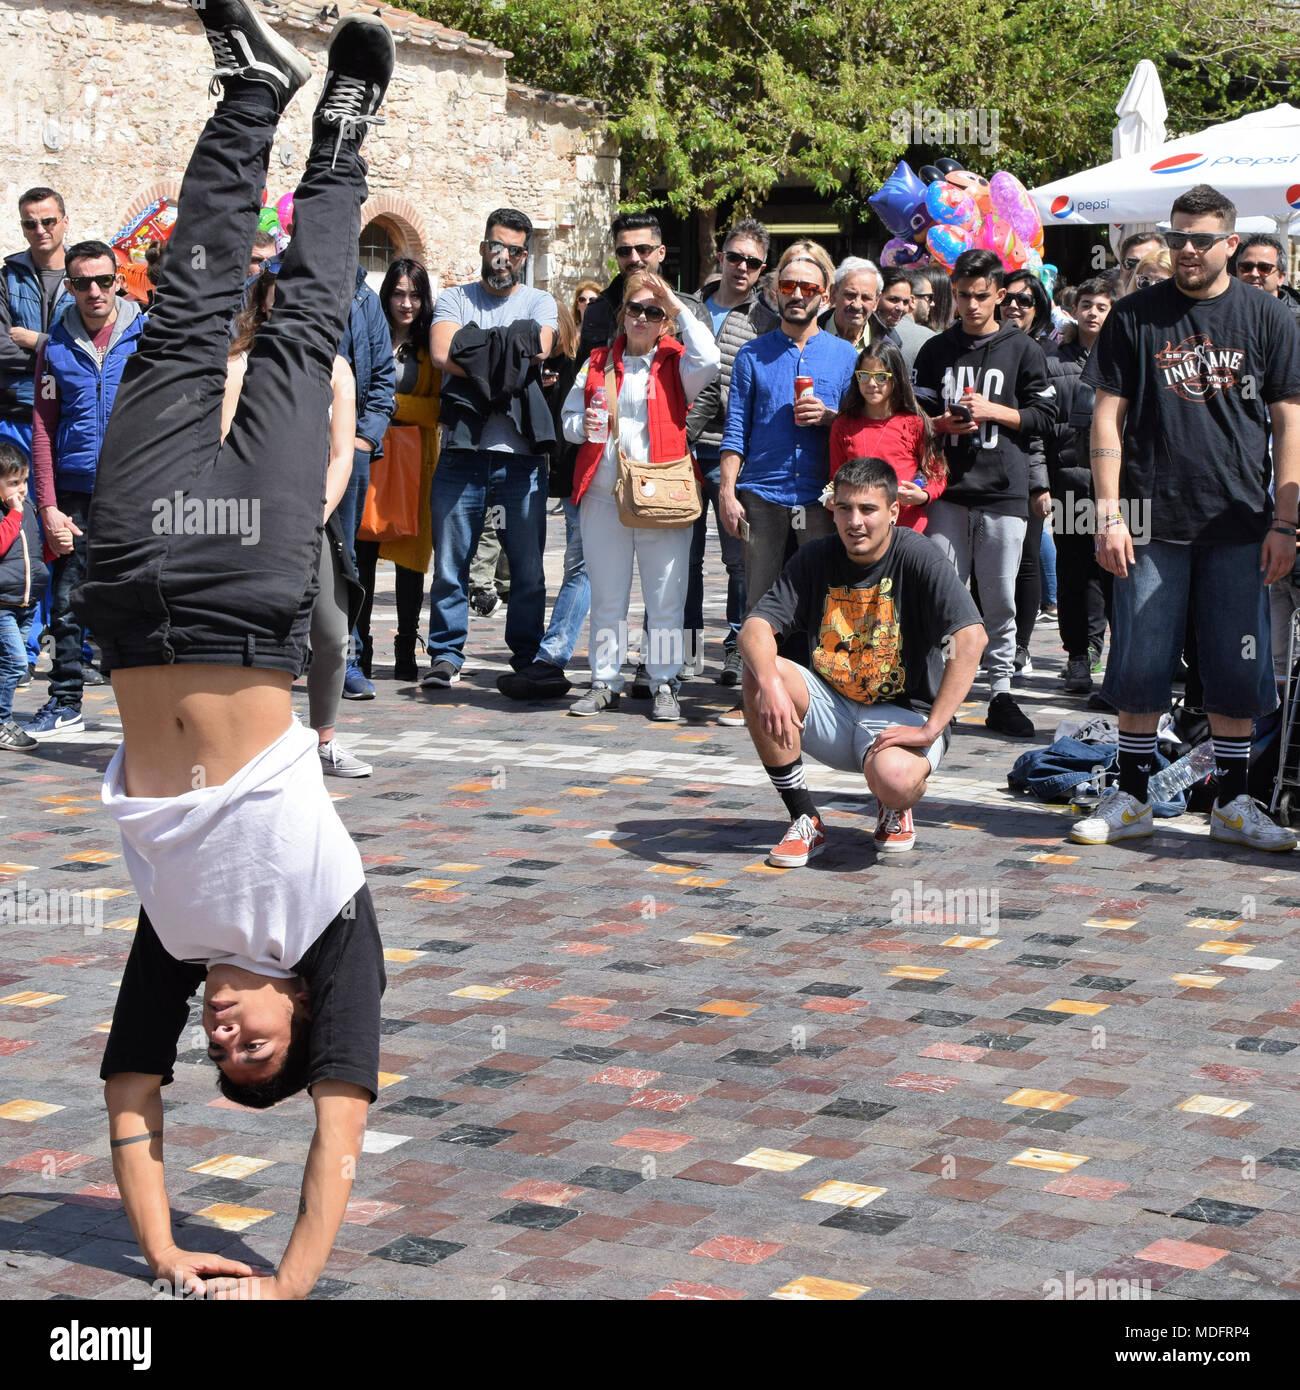 Athènes, Grèce - avril 1, 2018: Man performing handstand breakdance déplacer et foule de regarder les gens. Danse de rue la culture des jeunes. Photo Stock